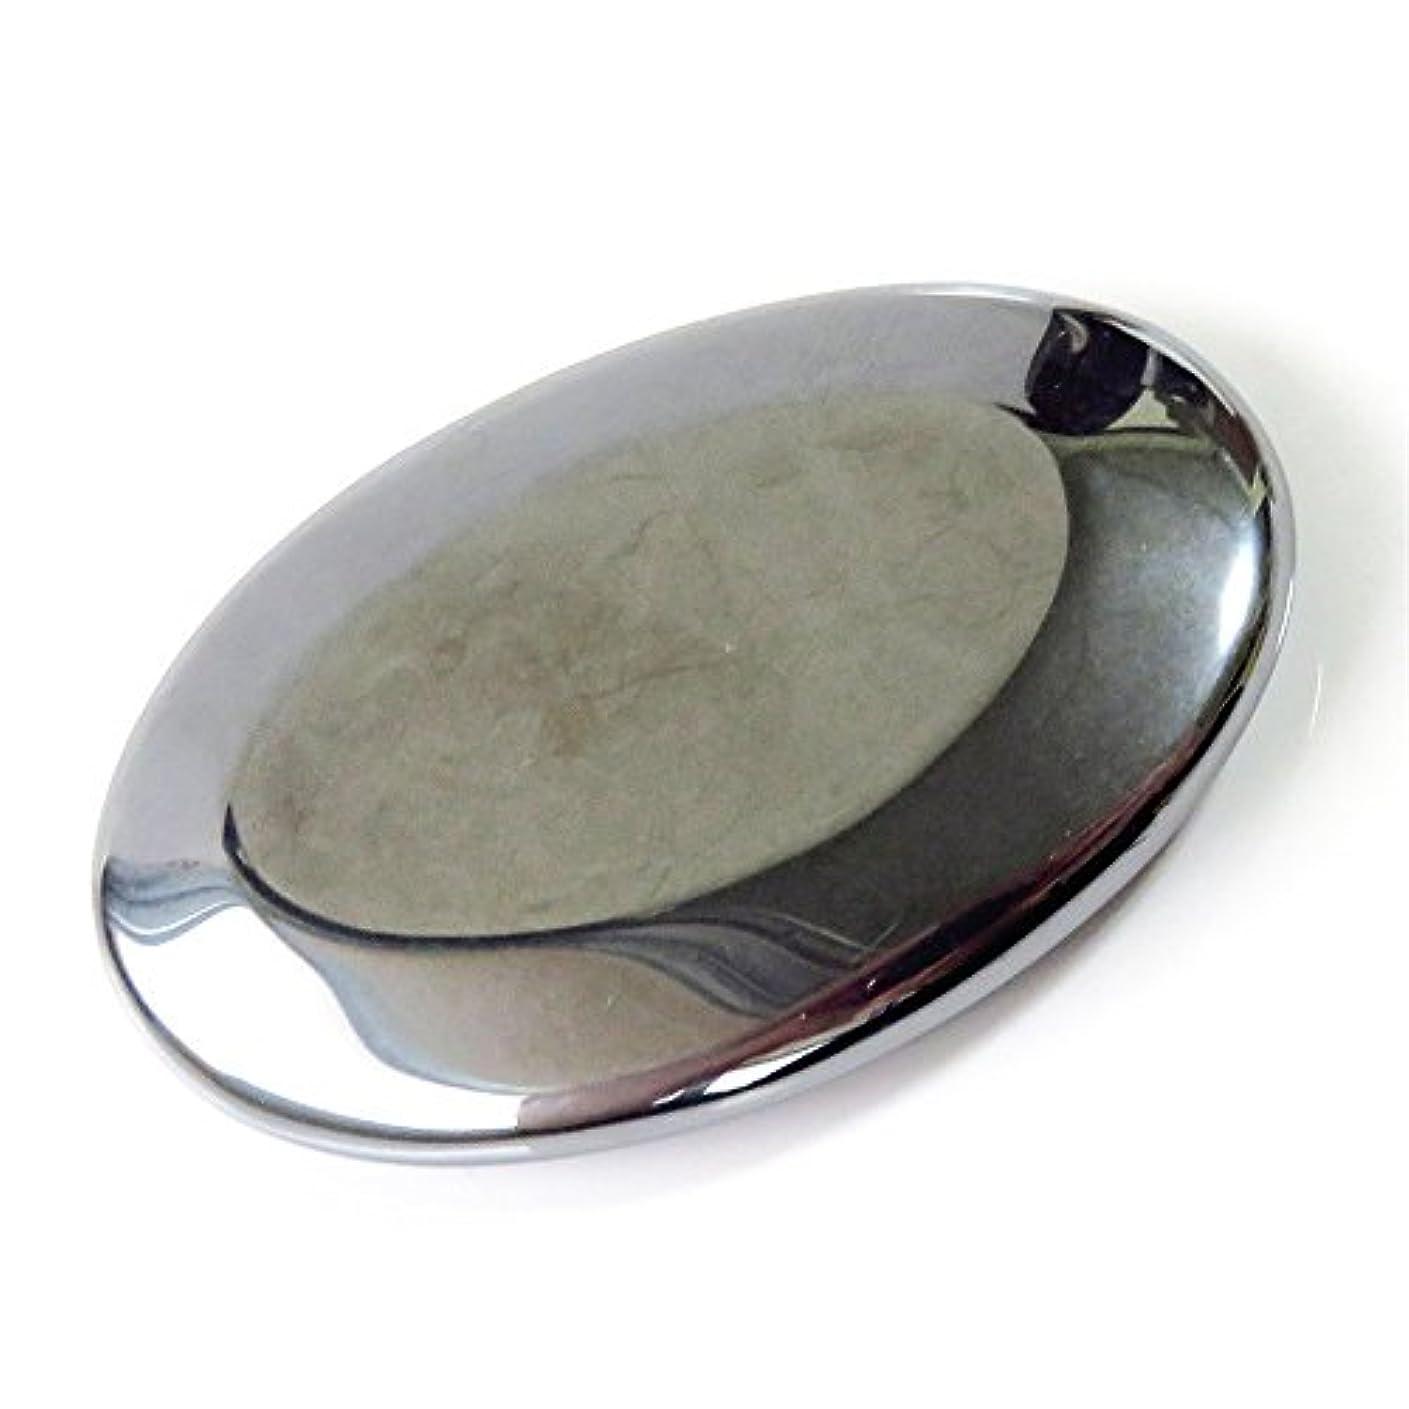 公使館マッシュ降臨エステ業界も注目 テラヘルツ鉱石かっさプレート 楕円型